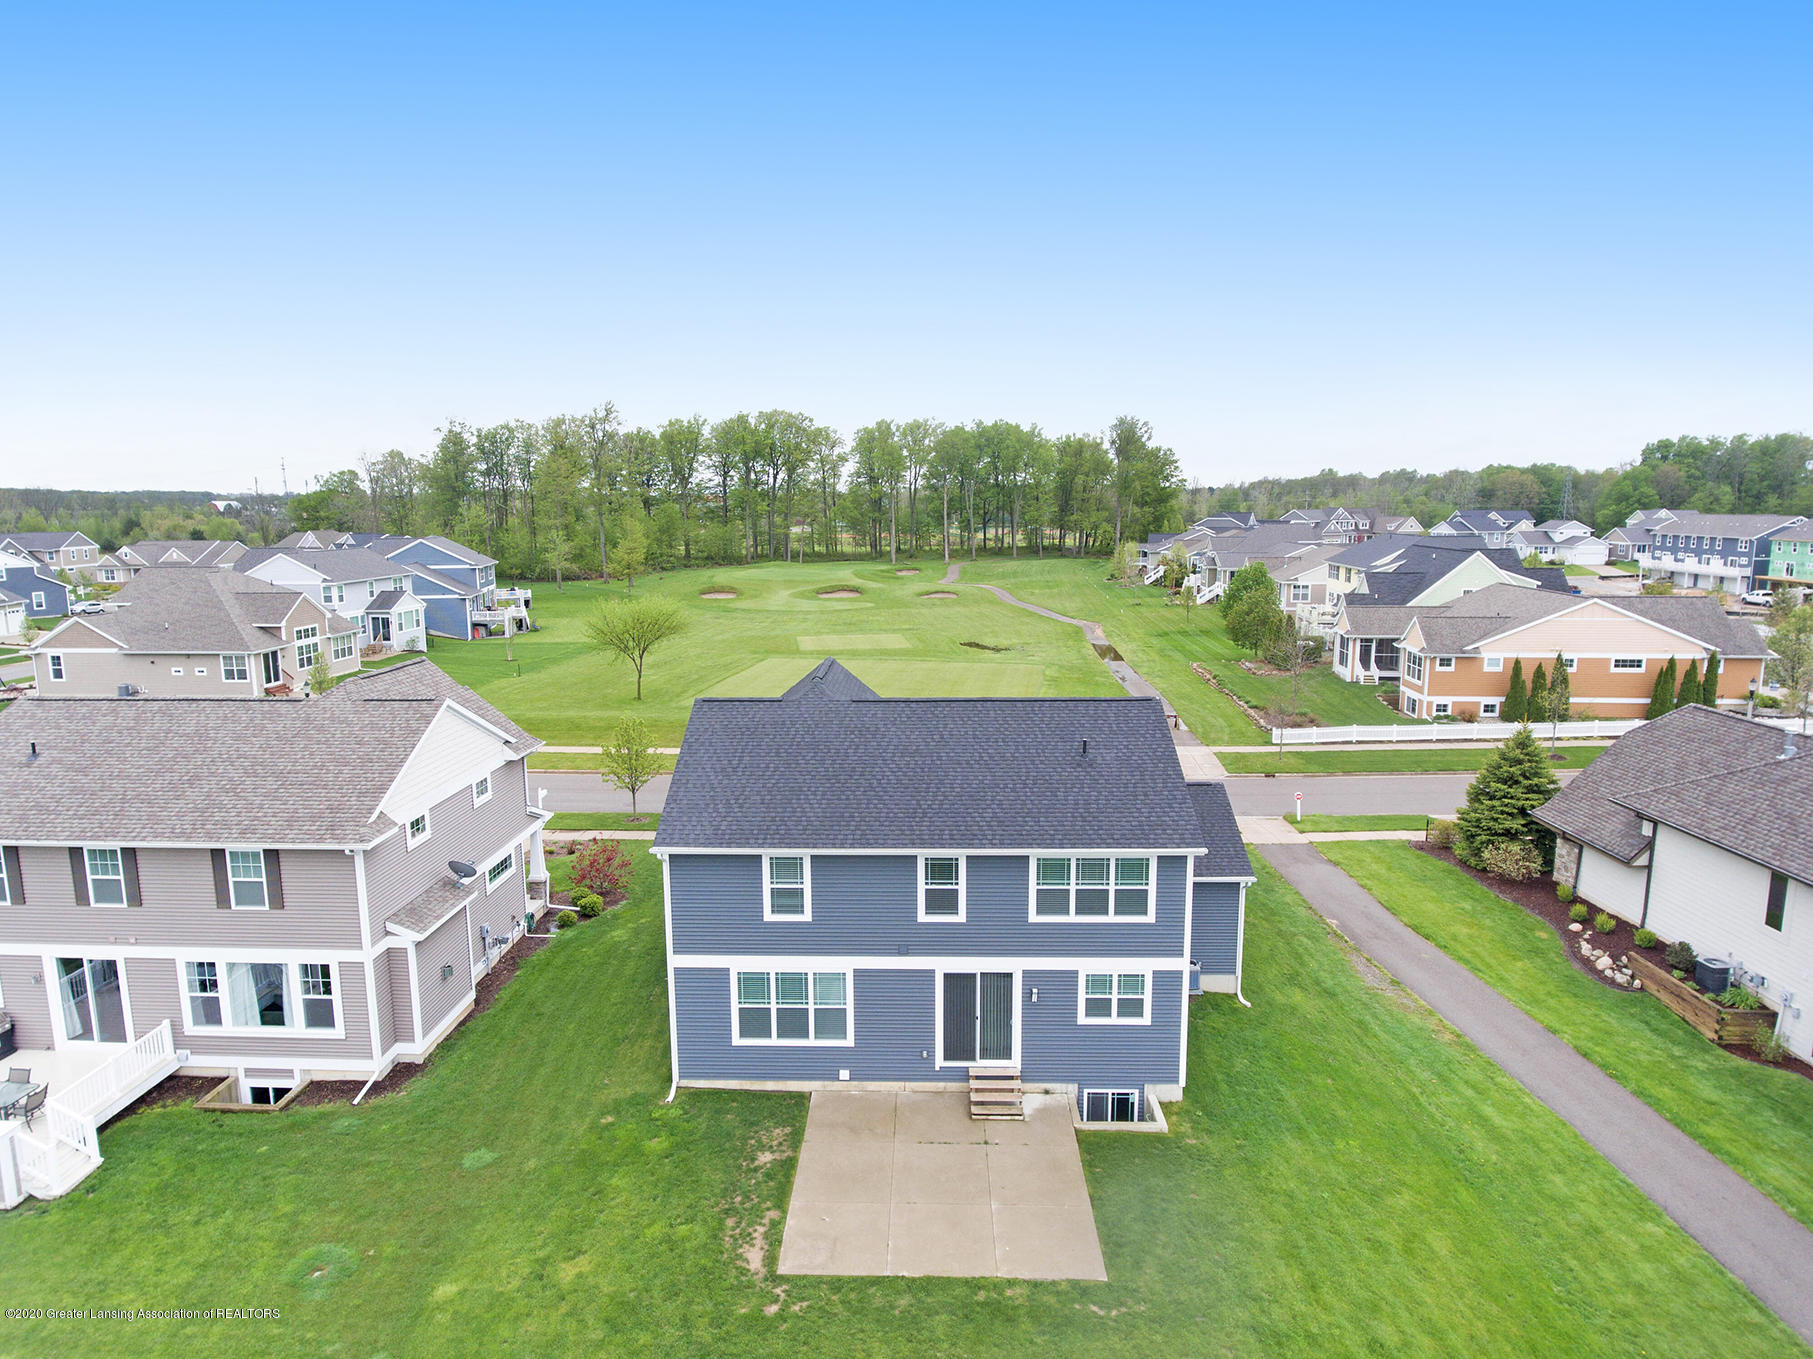 2818 Kittansett Dr - Aerial View - 61